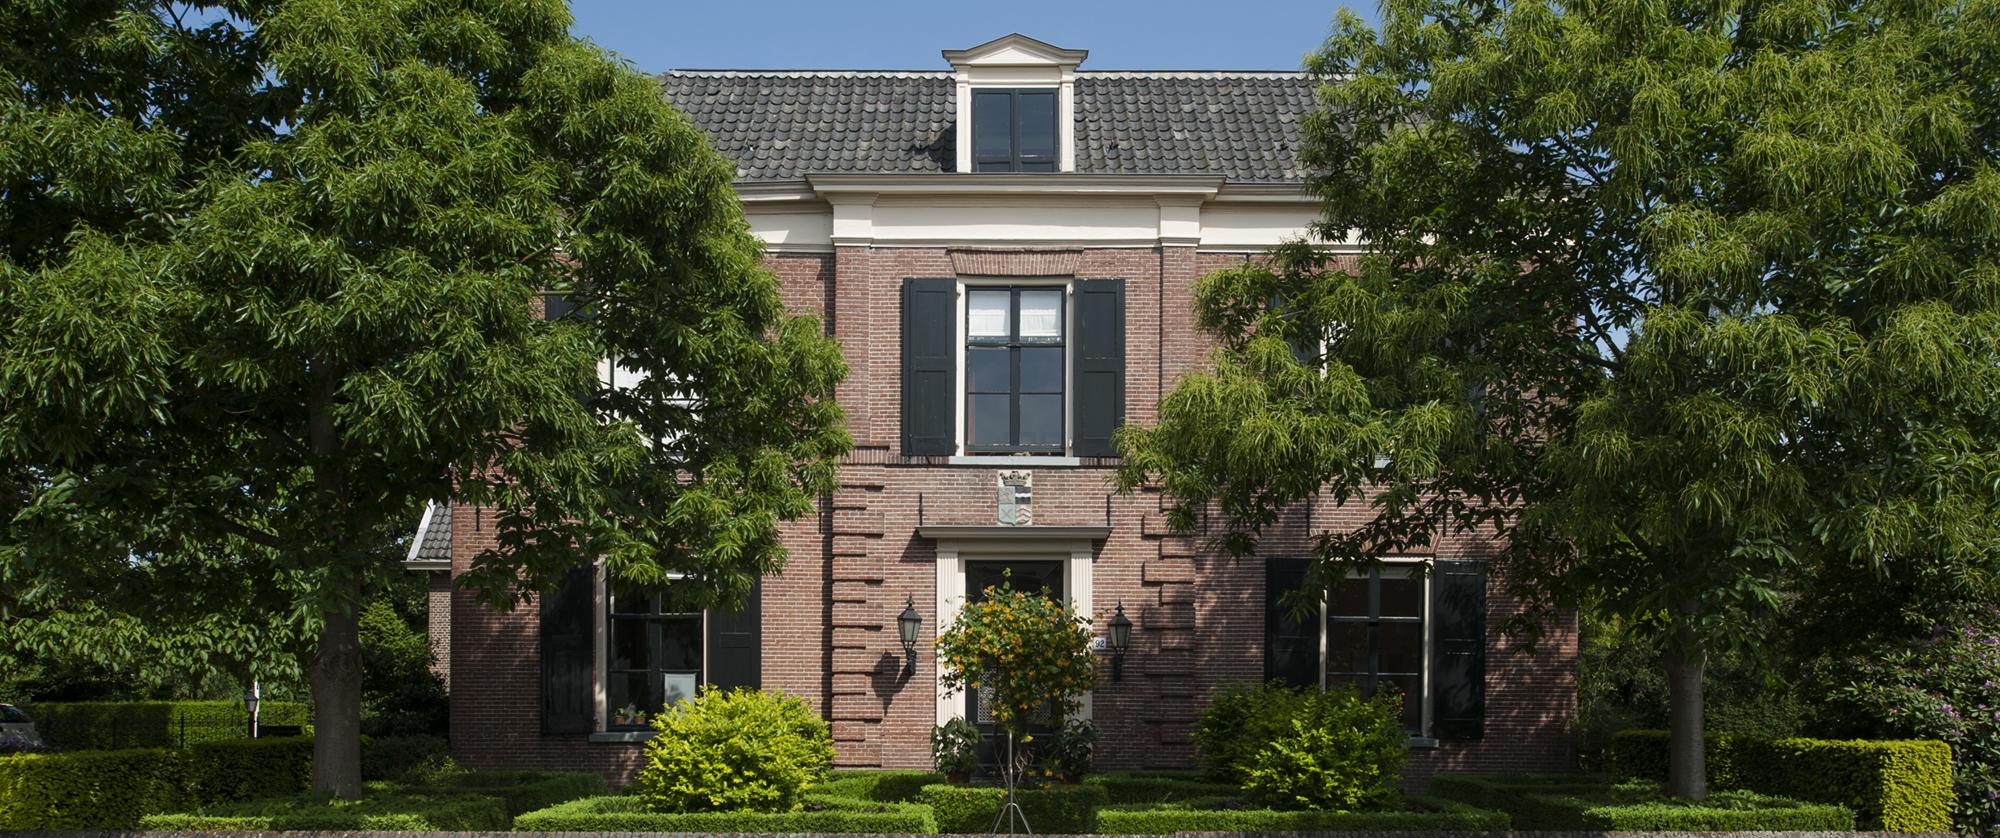 Monument Brummen Polderhuis Zutpensestraat | Monumenten fotograaf